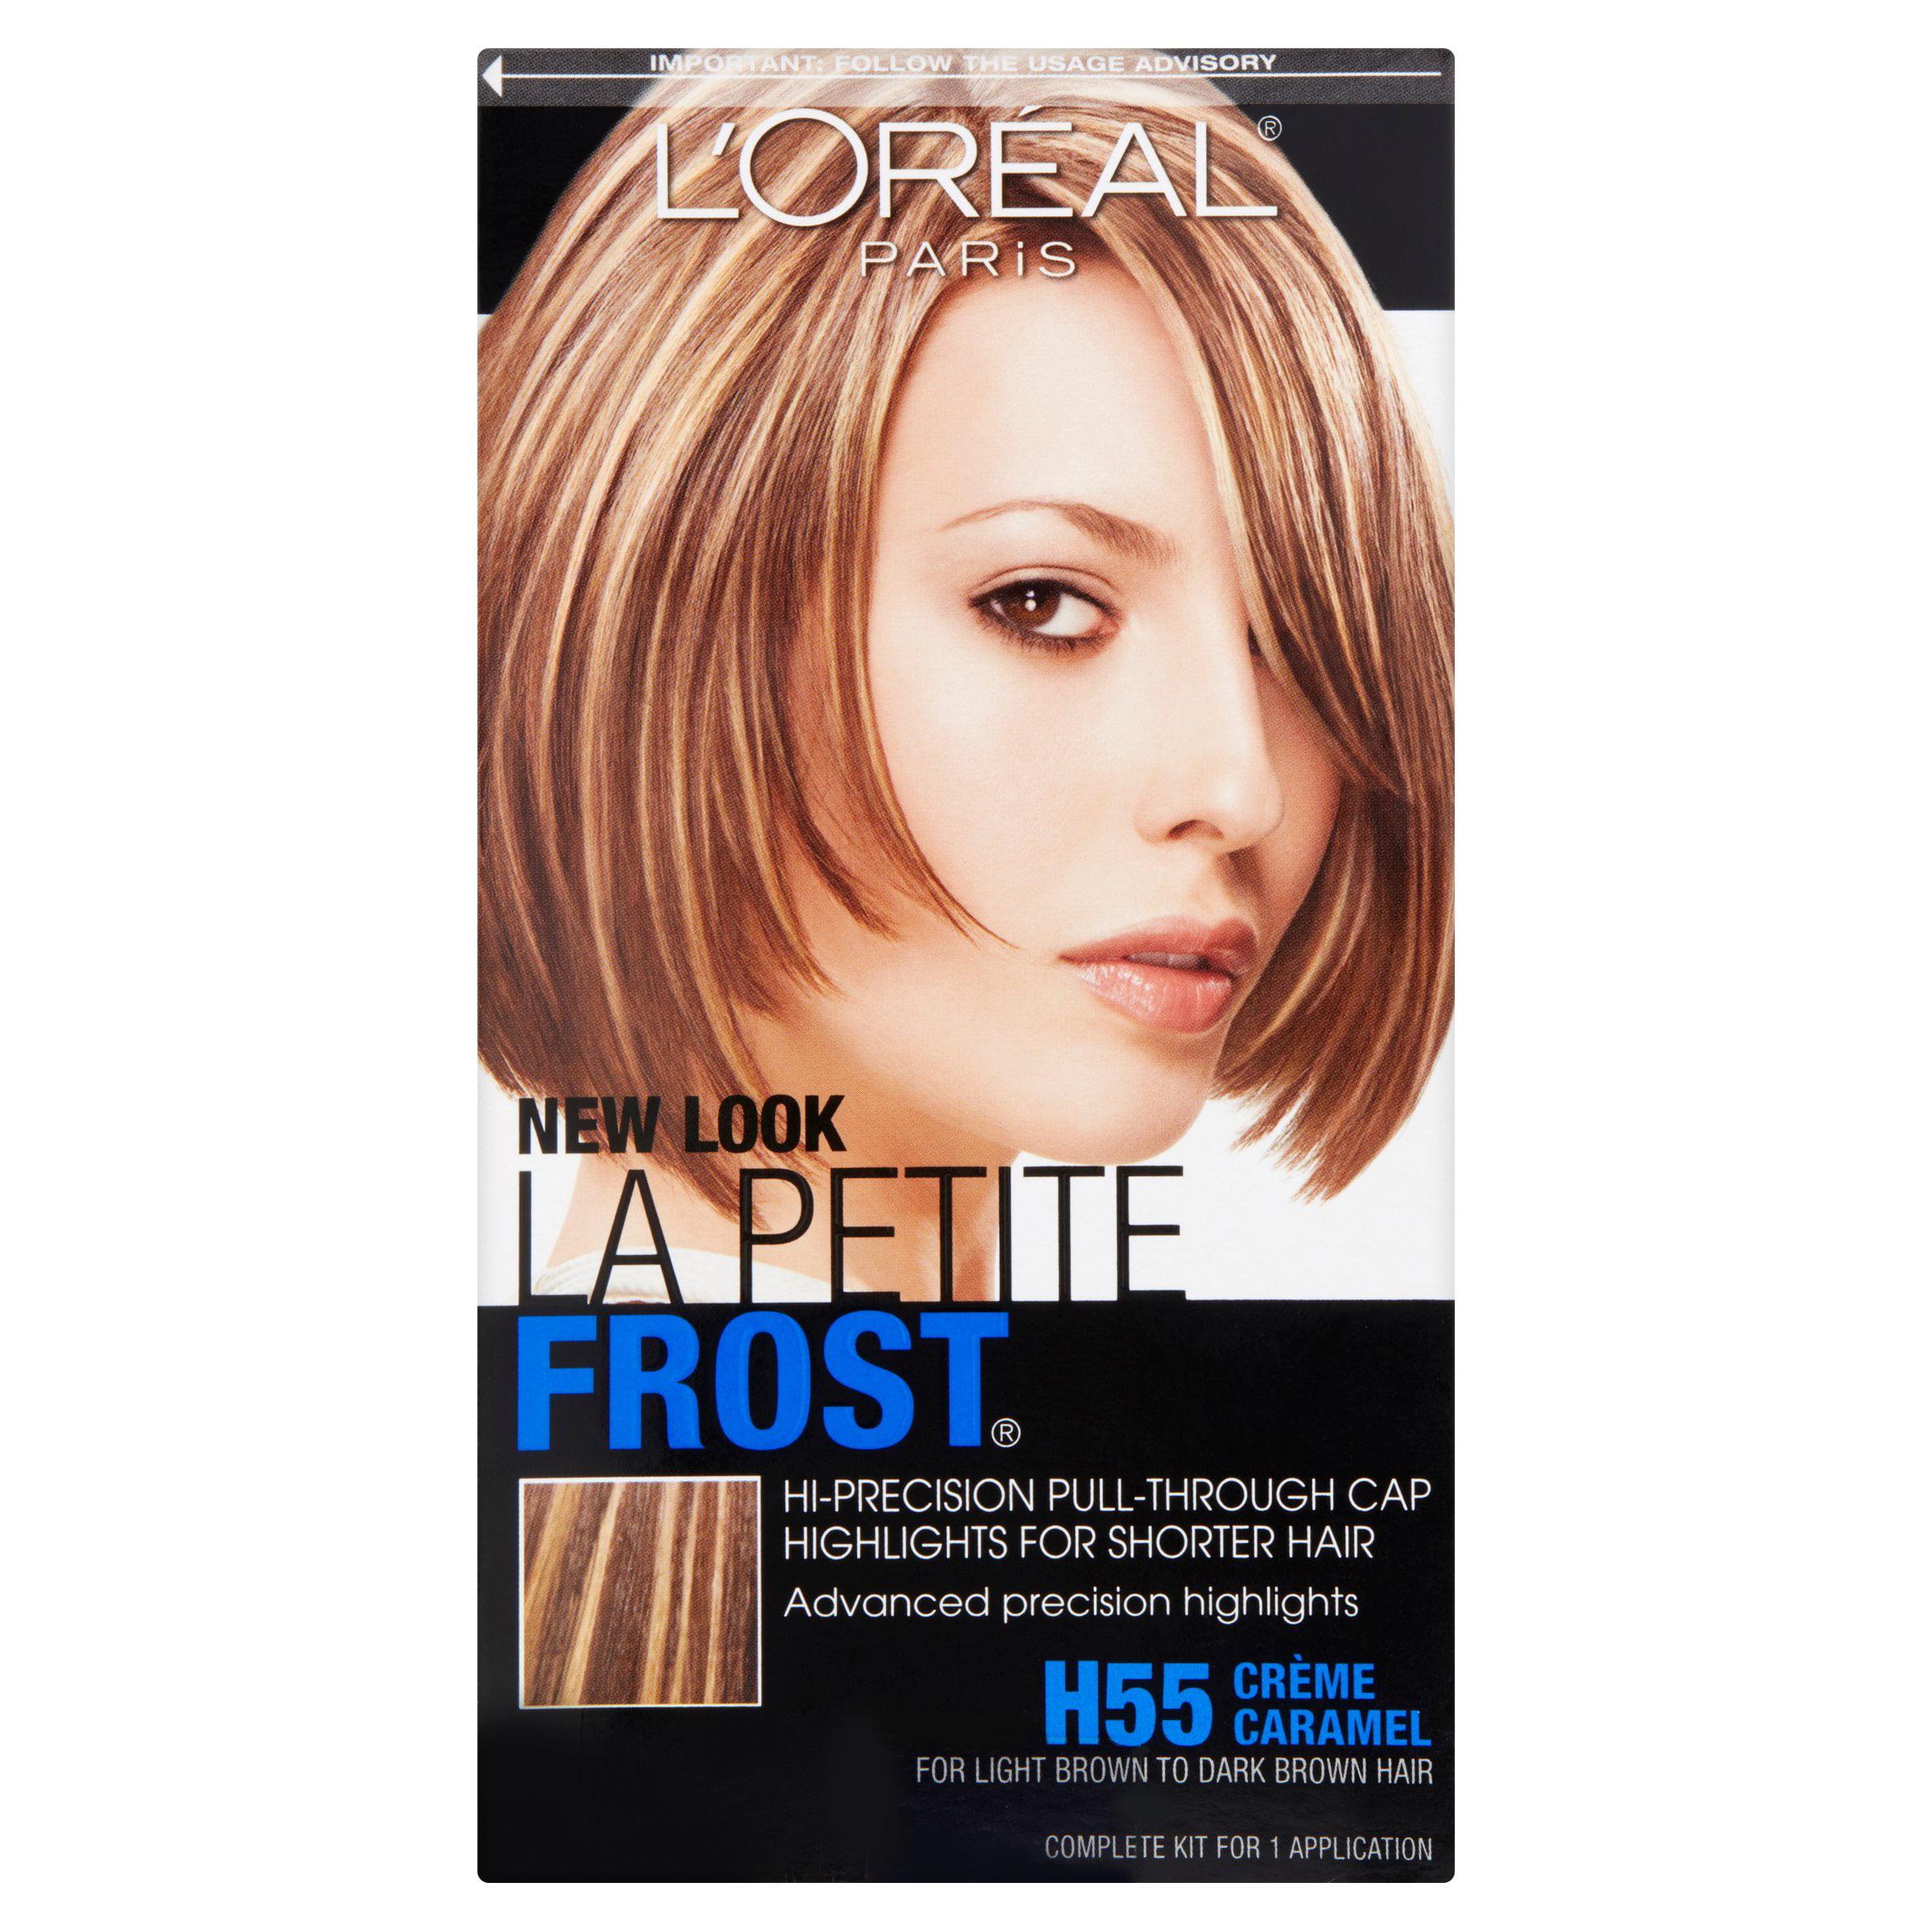 L'Oréal Paris Le Petite Frost Cap Hair Highlights For Shorter Hair